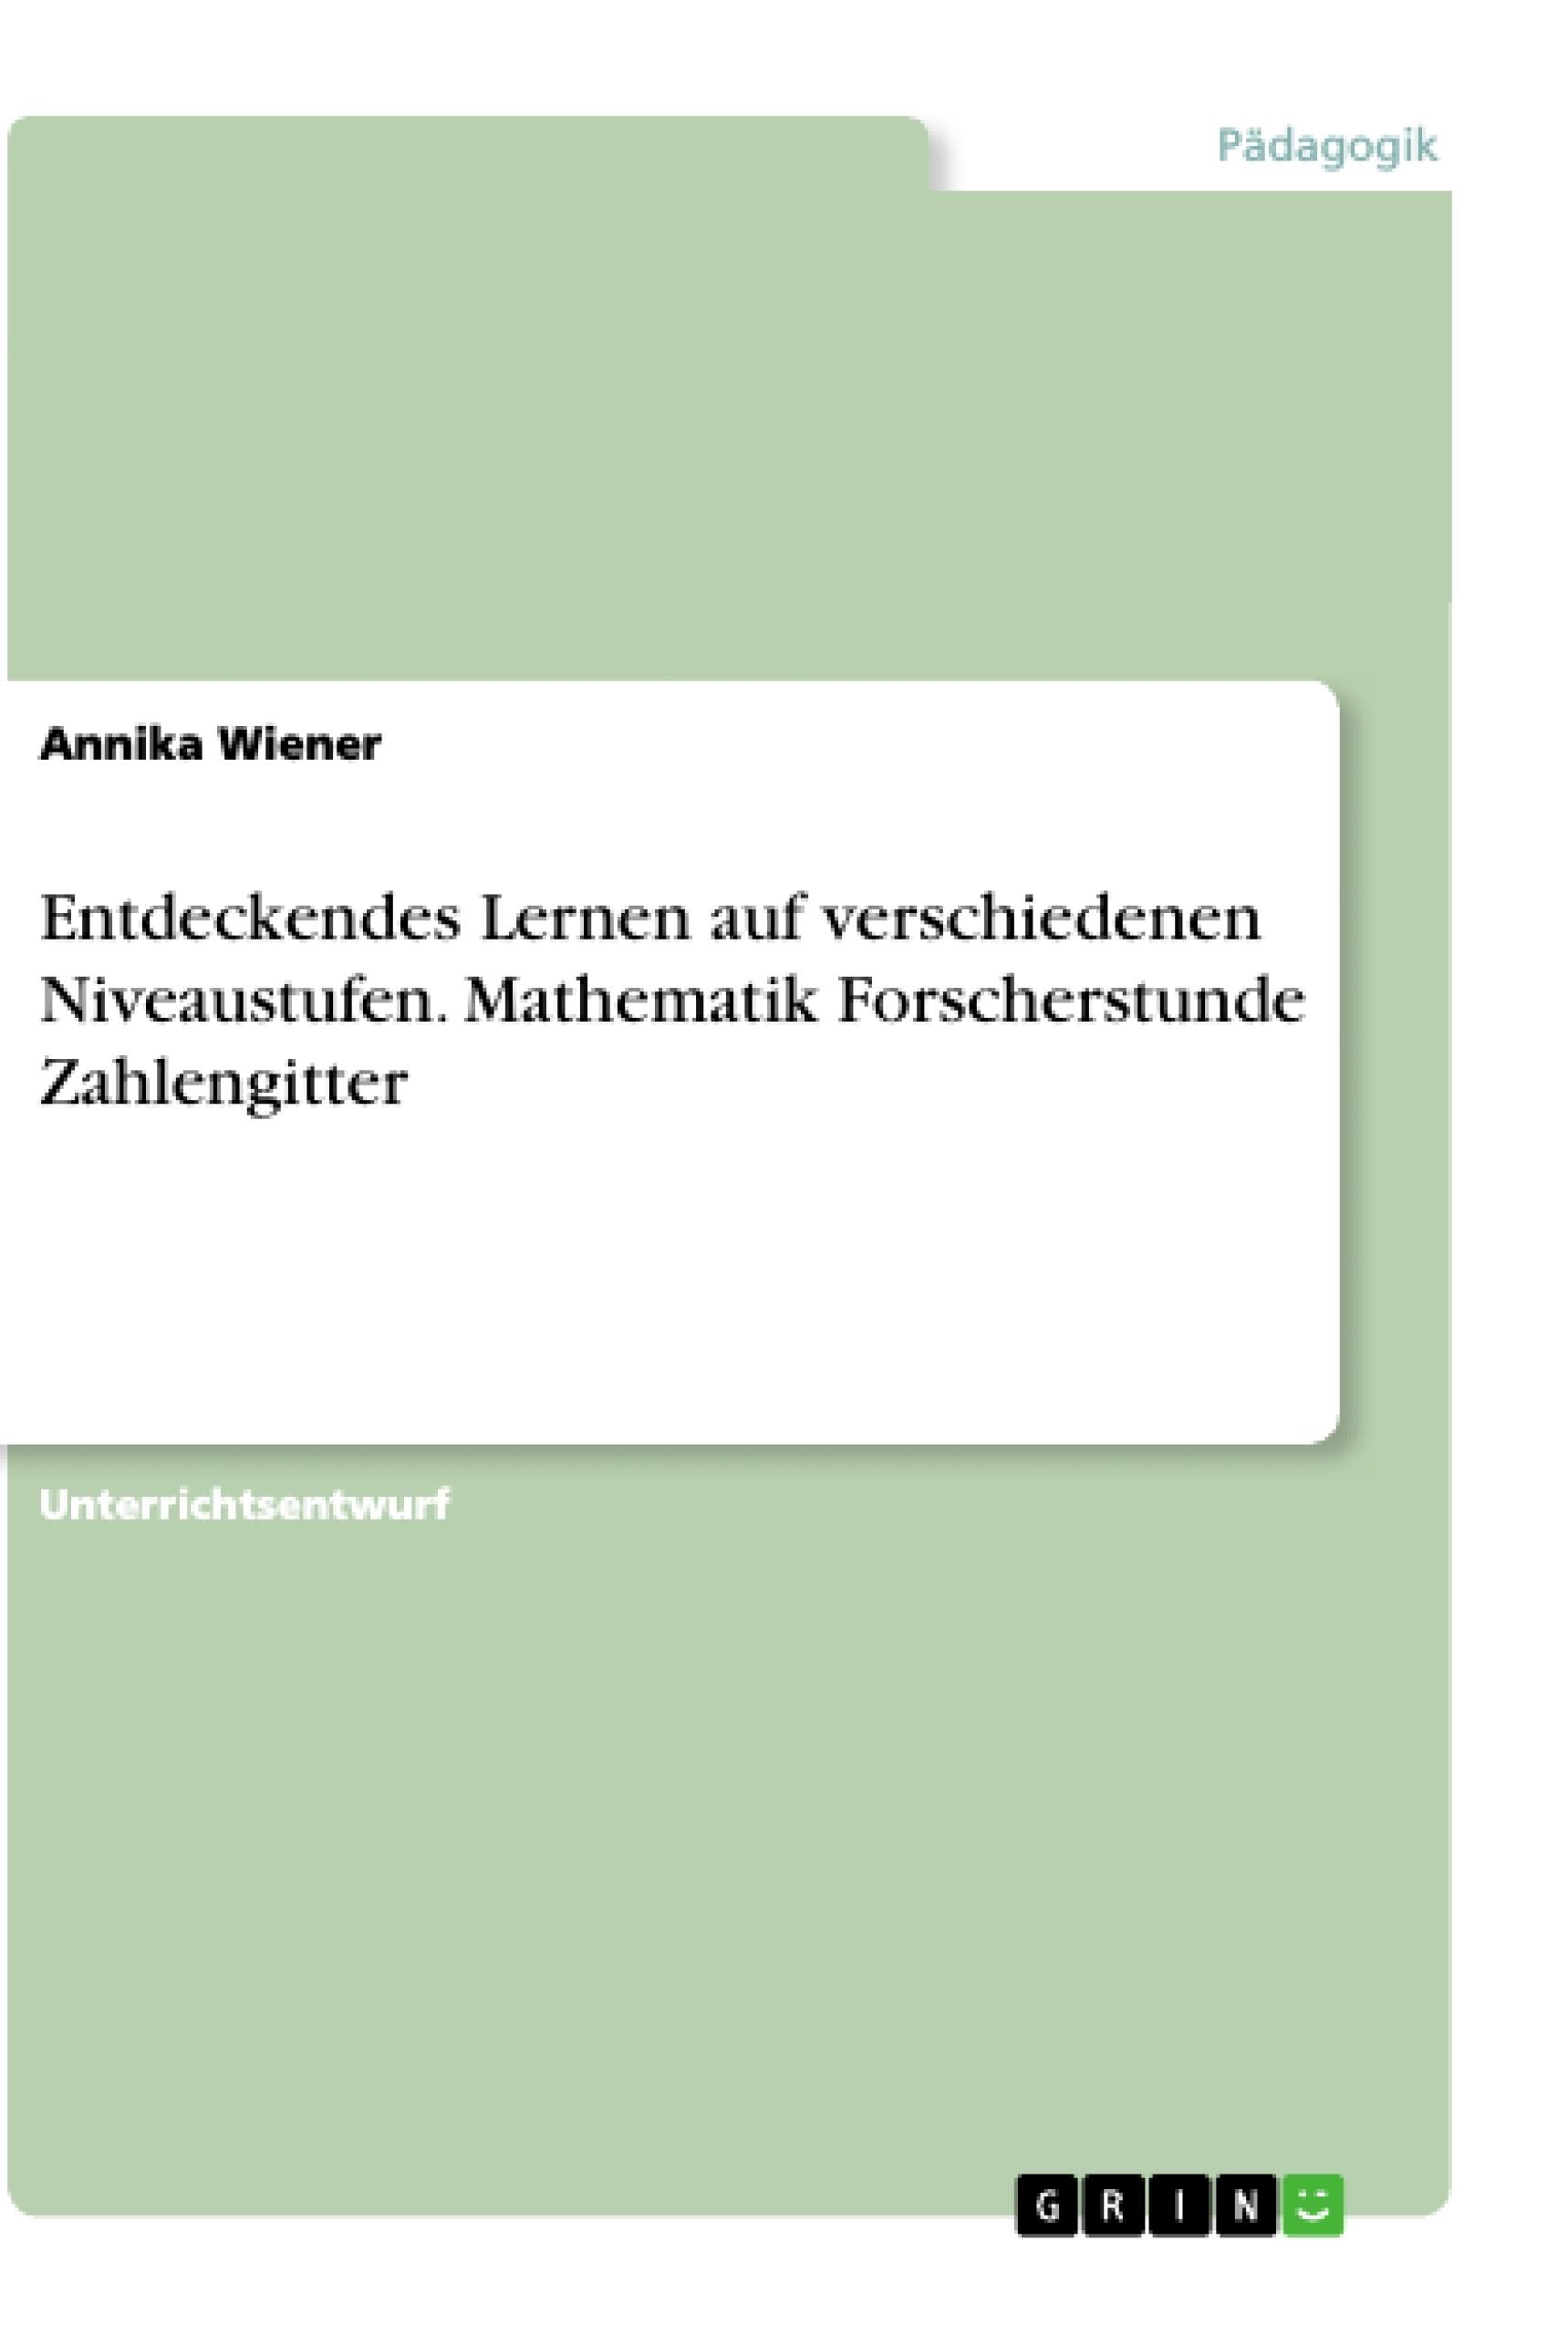 Titel: Entdeckendes Lernen auf verschiedenen Niveaustufen. Mathematik Forscherstunde Zahlengitter